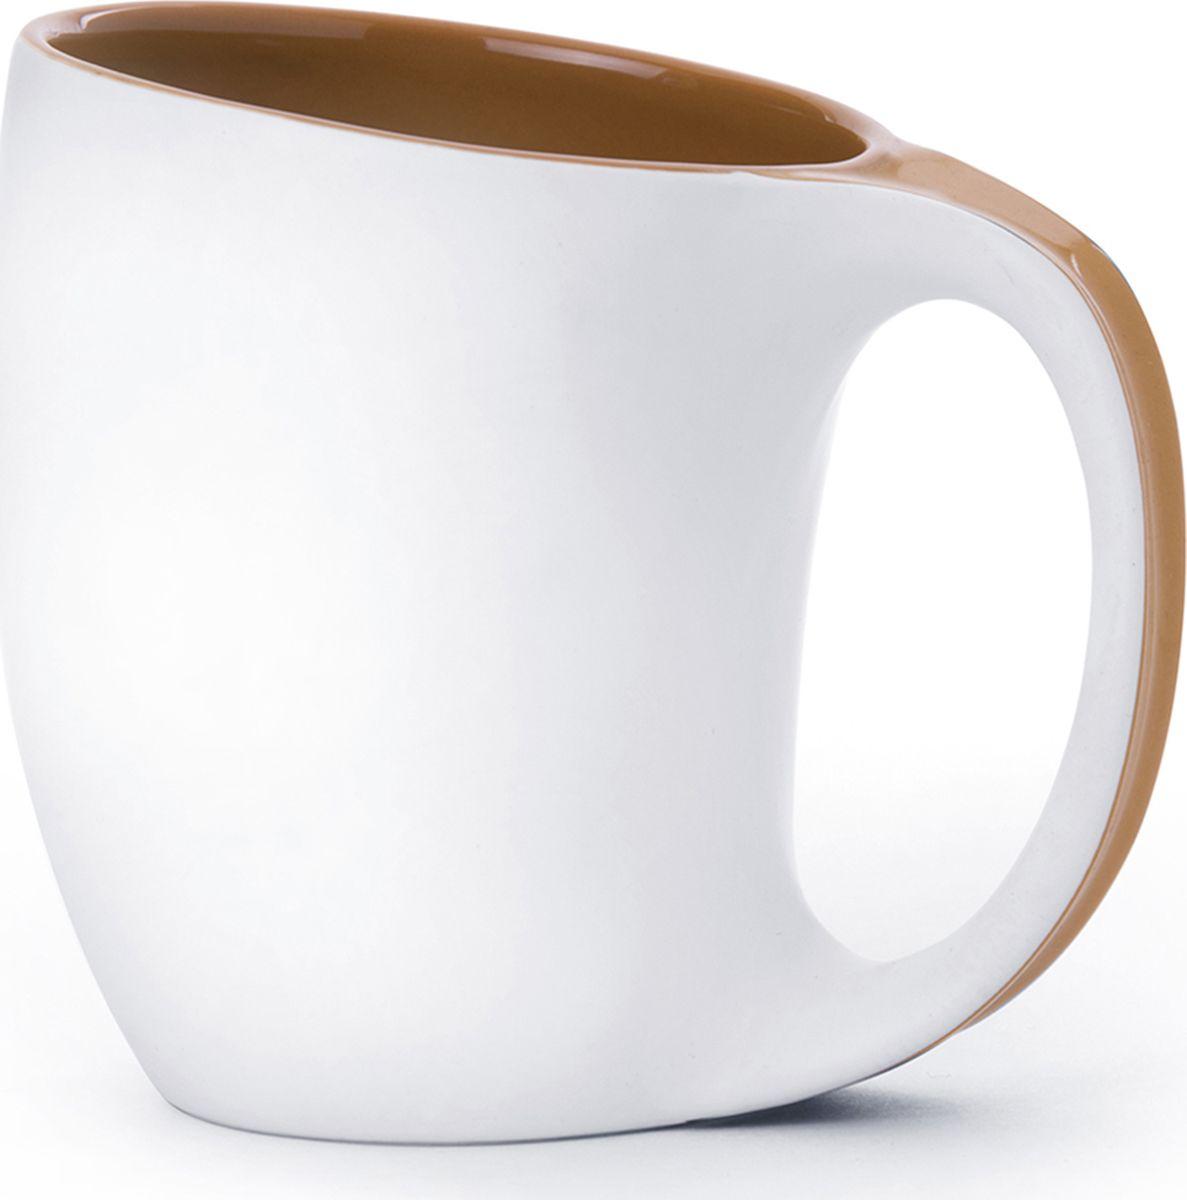 Кружка Asobu The porcelain saphire, цвет: коричневый, 400 млперфорационные unisexAsobu – бренд посуды для питья, выделяющийся творческим, оригинальным дизайном и инновационными решениями.Asobu разработан Ad-N-Art в Канаде и в переводе с японского означает «весело и с удовольствием». И действительно, только взгляните на каталог представленных коллекций и вы поймете, что Asobu - посуда, которая вдохновляет!Кроме яркого и позитивного дизайна, Asobu отличается и качеством материалов из которых изготовлена продукция – это всегда чрезвычайно ударопрочный пластик и 100% BPA Free.За последние 5 лет, благодаря своему дизайну и функциональности, Asobu завоевали популярность не только в Канаде и США, но и во всем мире!Теперь Ваша повседневная кружка – это настоящее произведение искусства! Ведь Asobu не делает скучных и бесполезных вещей!Представляем Вашему вниманию пять эстетически совершенных кружек. Шелковистая белая матовая поверхность и пять вариантов ярких глянцевых цветов внутренних покрытий в сочетании с идеальной формой.Asobu The porcelaine saphire изготовлен из высококачественного фарфора. Можно мыть в посудомоечной машине.